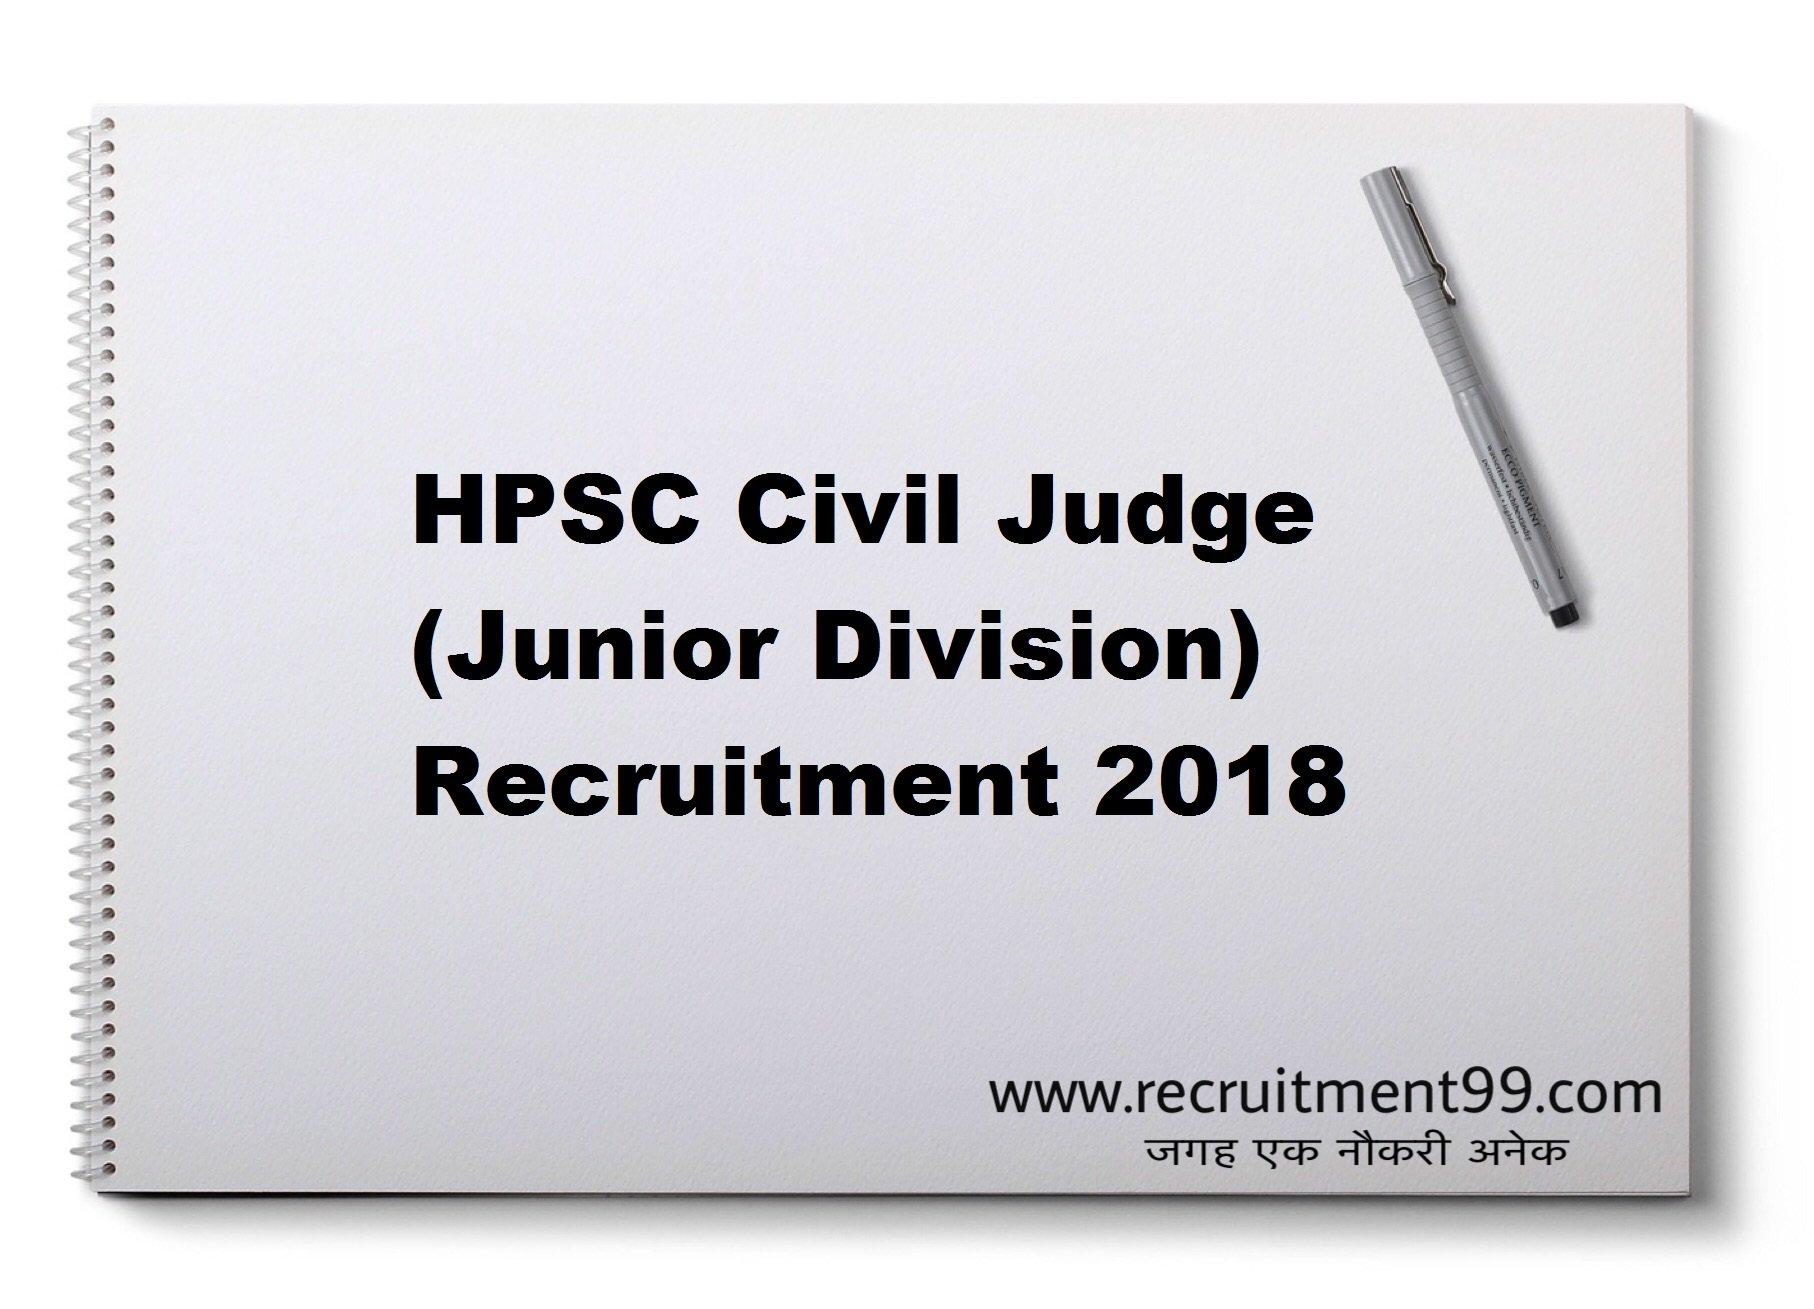 HPSC Civil Judge (Junior Division) Recruitment Admit Card Result 2018